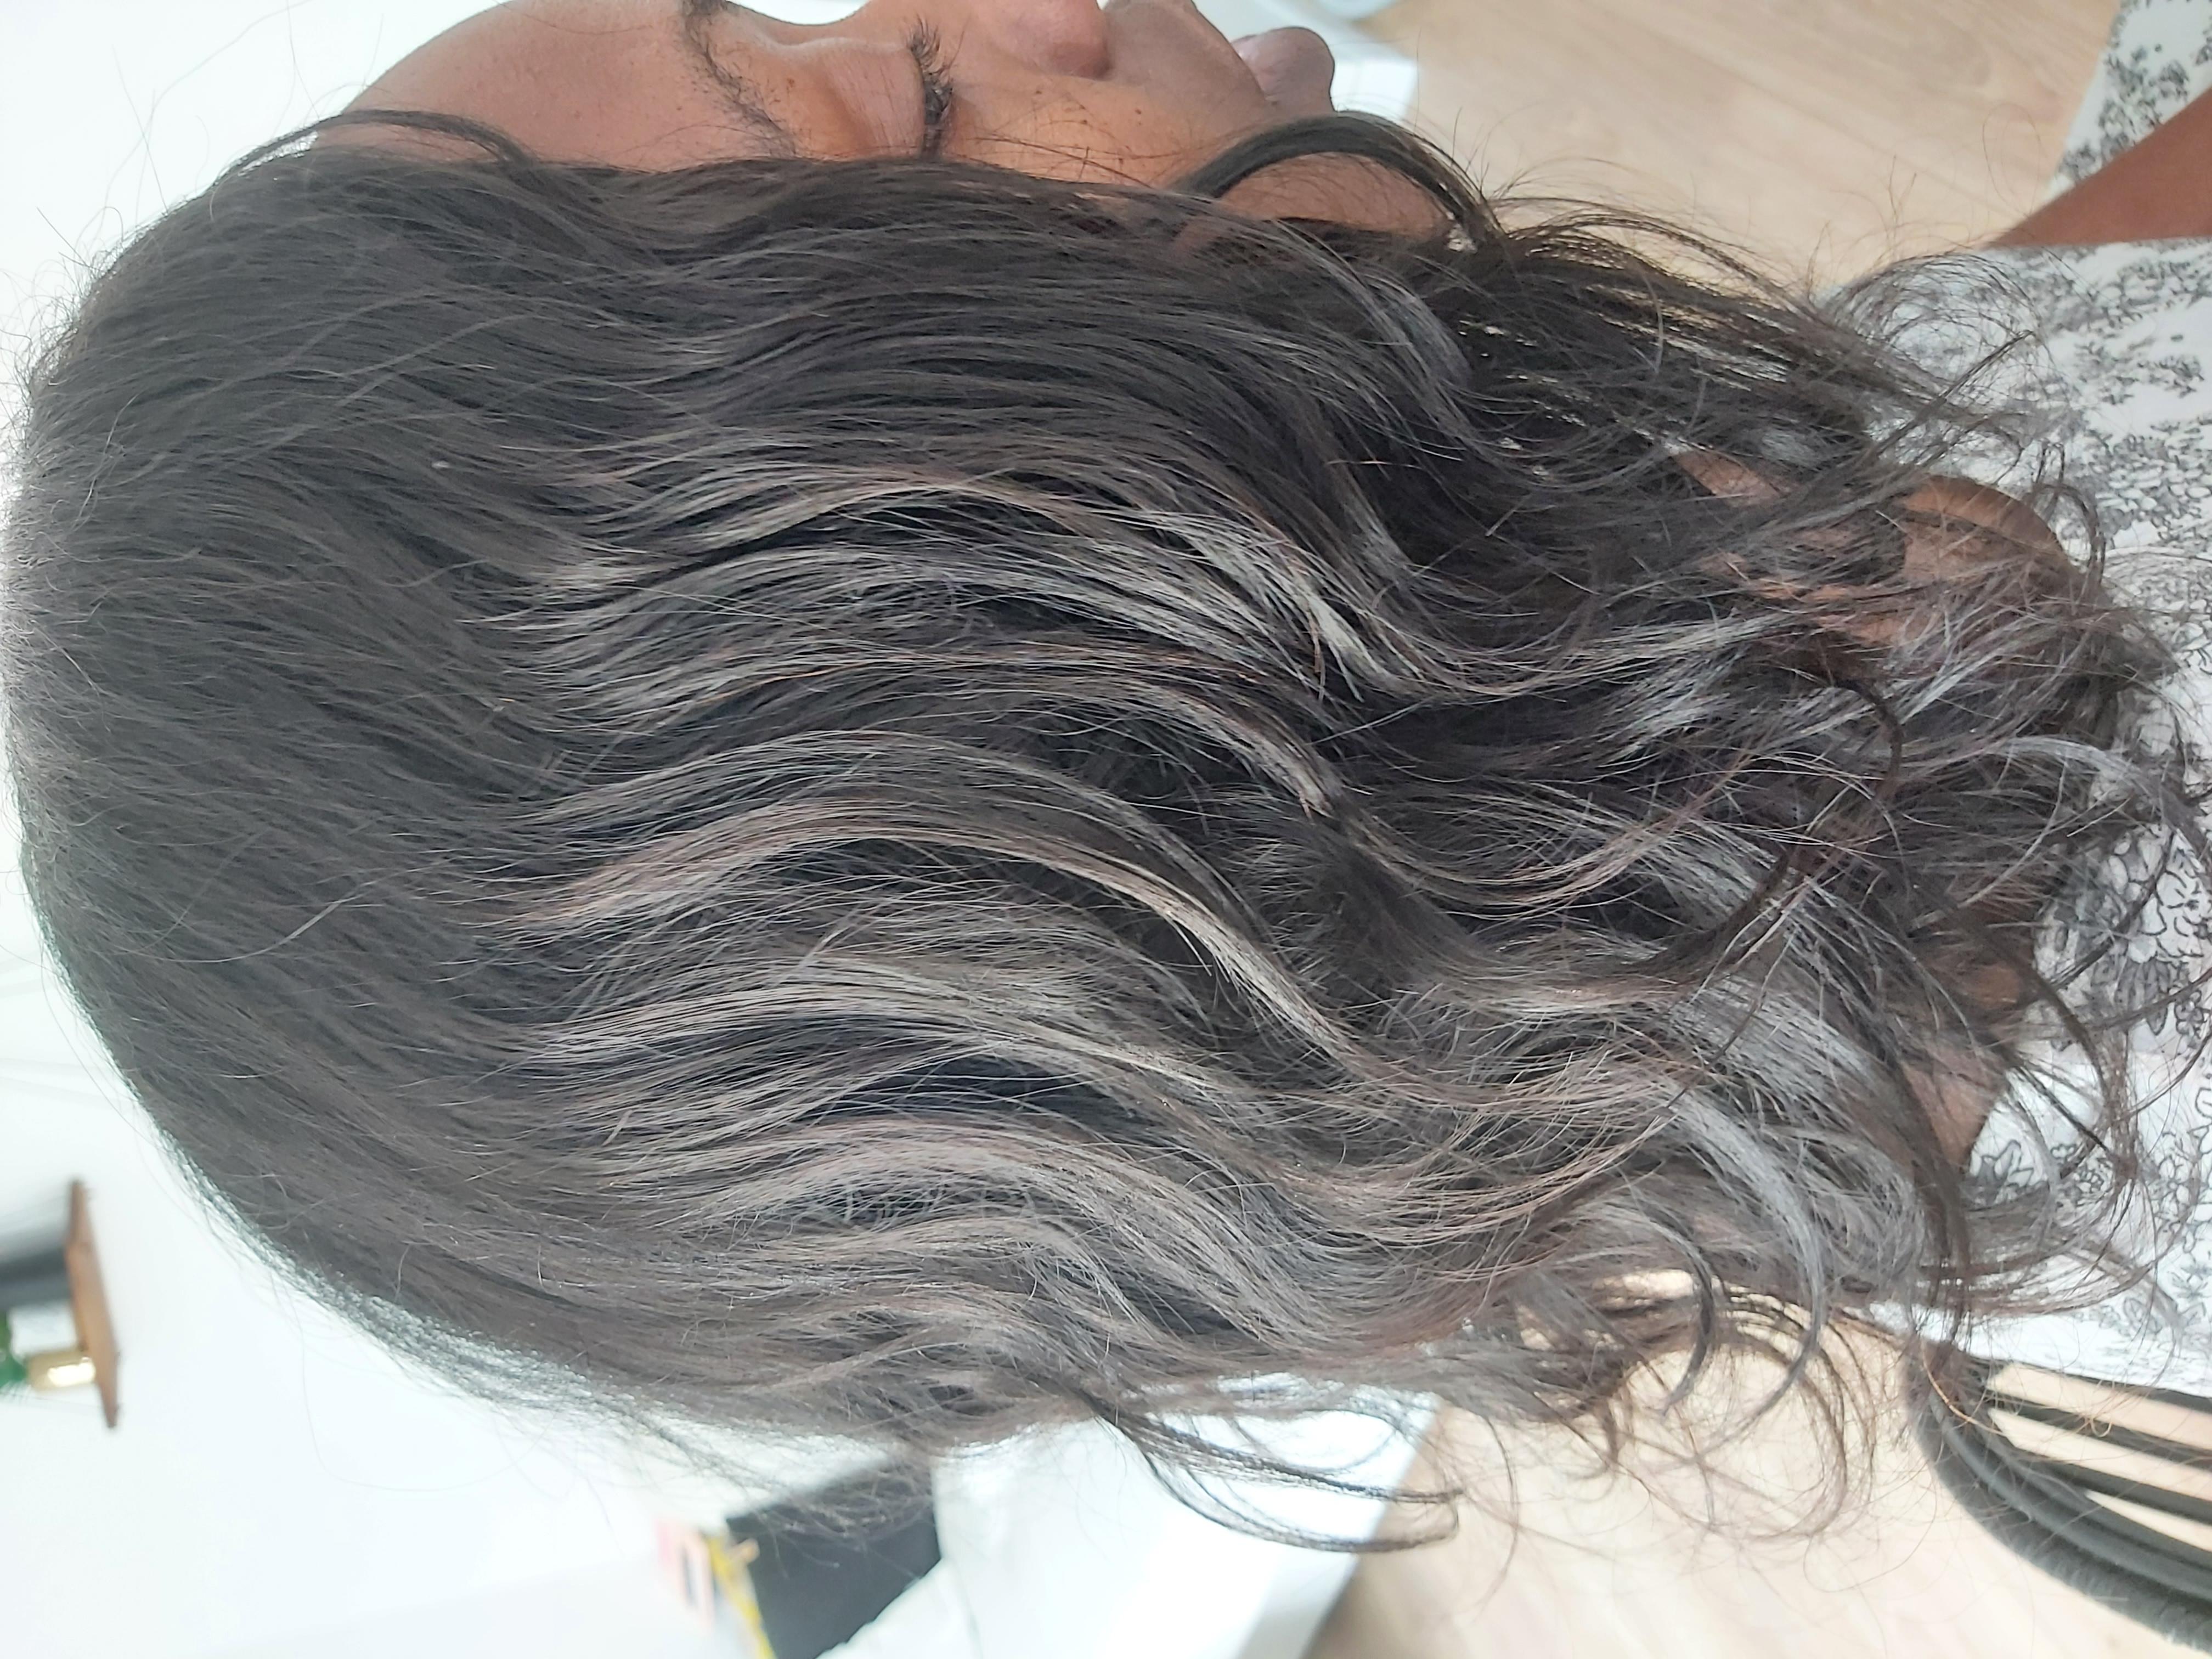 salon de coiffure afro tresse tresses box braids crochet braids vanilles tissages paris 75 77 78 91 92 93 94 95 EDDBBSXW